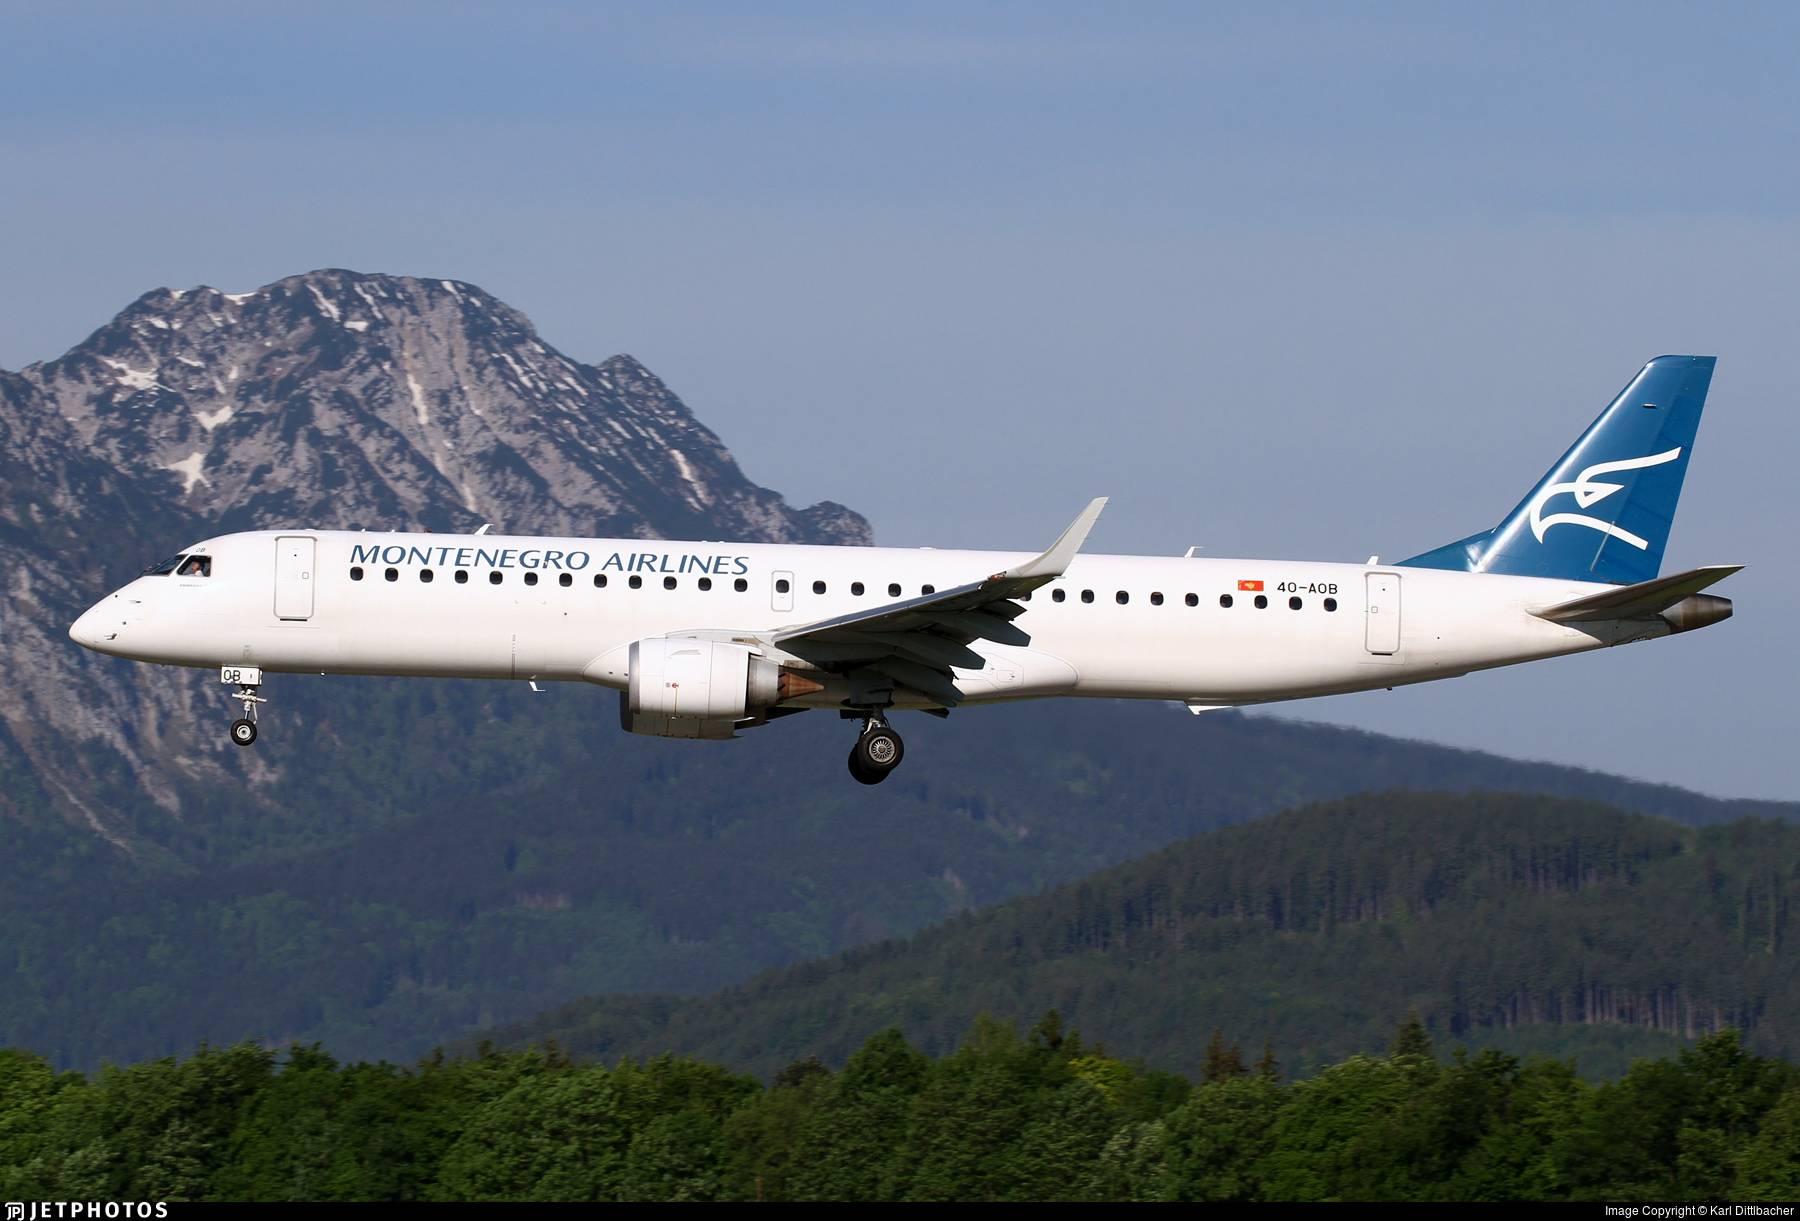 Авиакомпания montenegro airlines (монтенегро эйрлайнз)